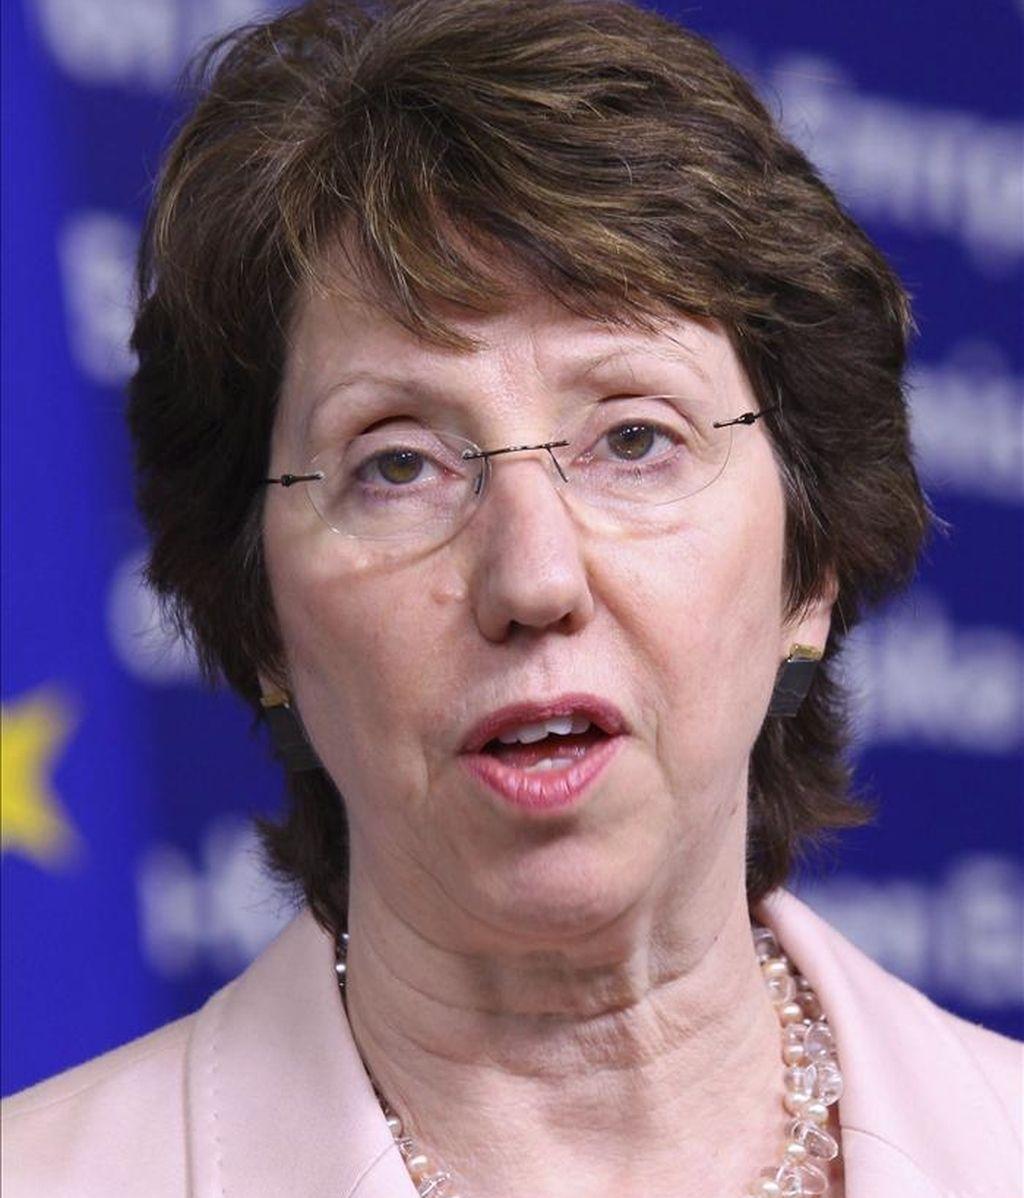 BÉLGICA- UE- ORIENTE MEDIO:BRU012 BRUSELAS (BÉLGICA) 13/04/2011.- La alta representante de la UE, Catherine Ashton, interviene en una rueda de prensa, tras discutir en una reunión las opciones para solventar el conflicto Israel-Palestina, hoy, miércoles 13 de abril de 2011, en la sede de la Comisión Europea, en Bruselas, Bélgica. EFE/Julien Warnand PROHIBIDO SU USO EN BÉLGICA [PROHIBIDO SU USO EN BÉLGICA]